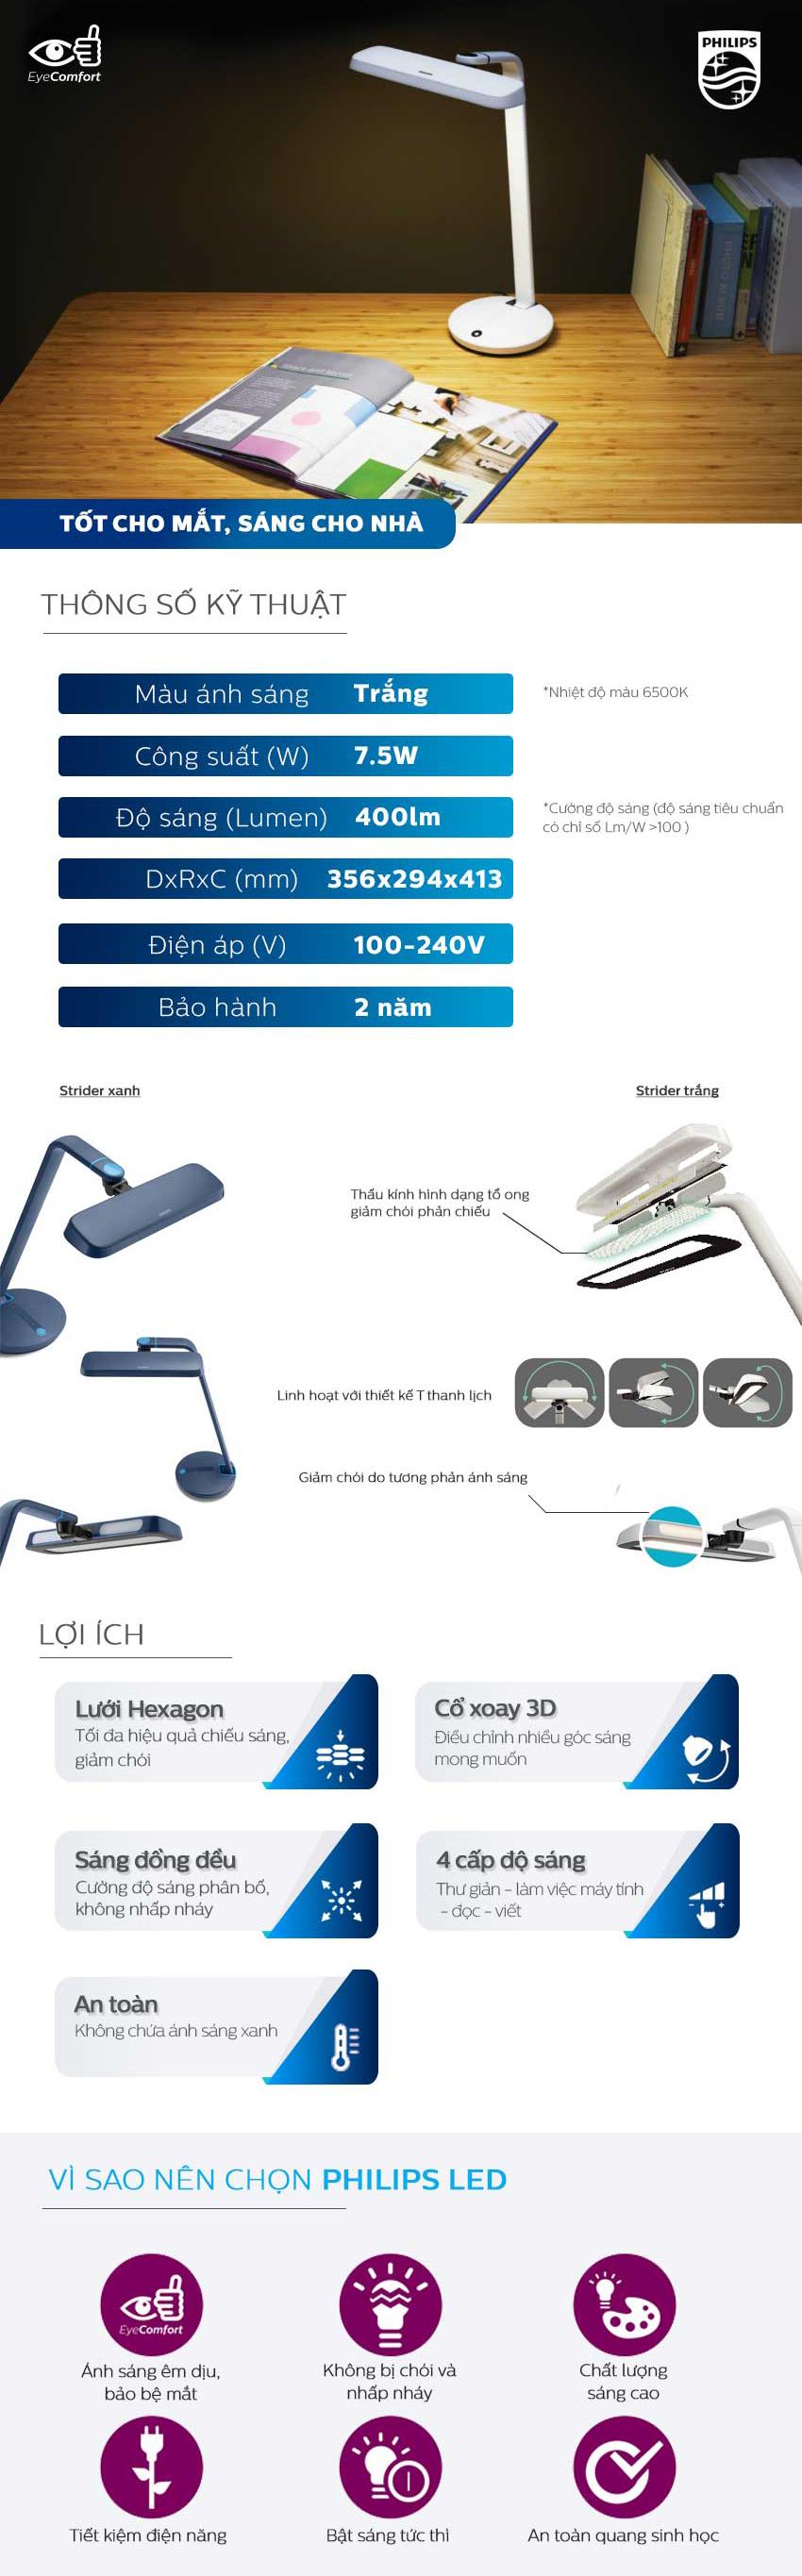 Đèn bàn Philips LED EyeCare Strider 66111 7.2W- Xanh Dương Đậm - Hàng Chính Hãng